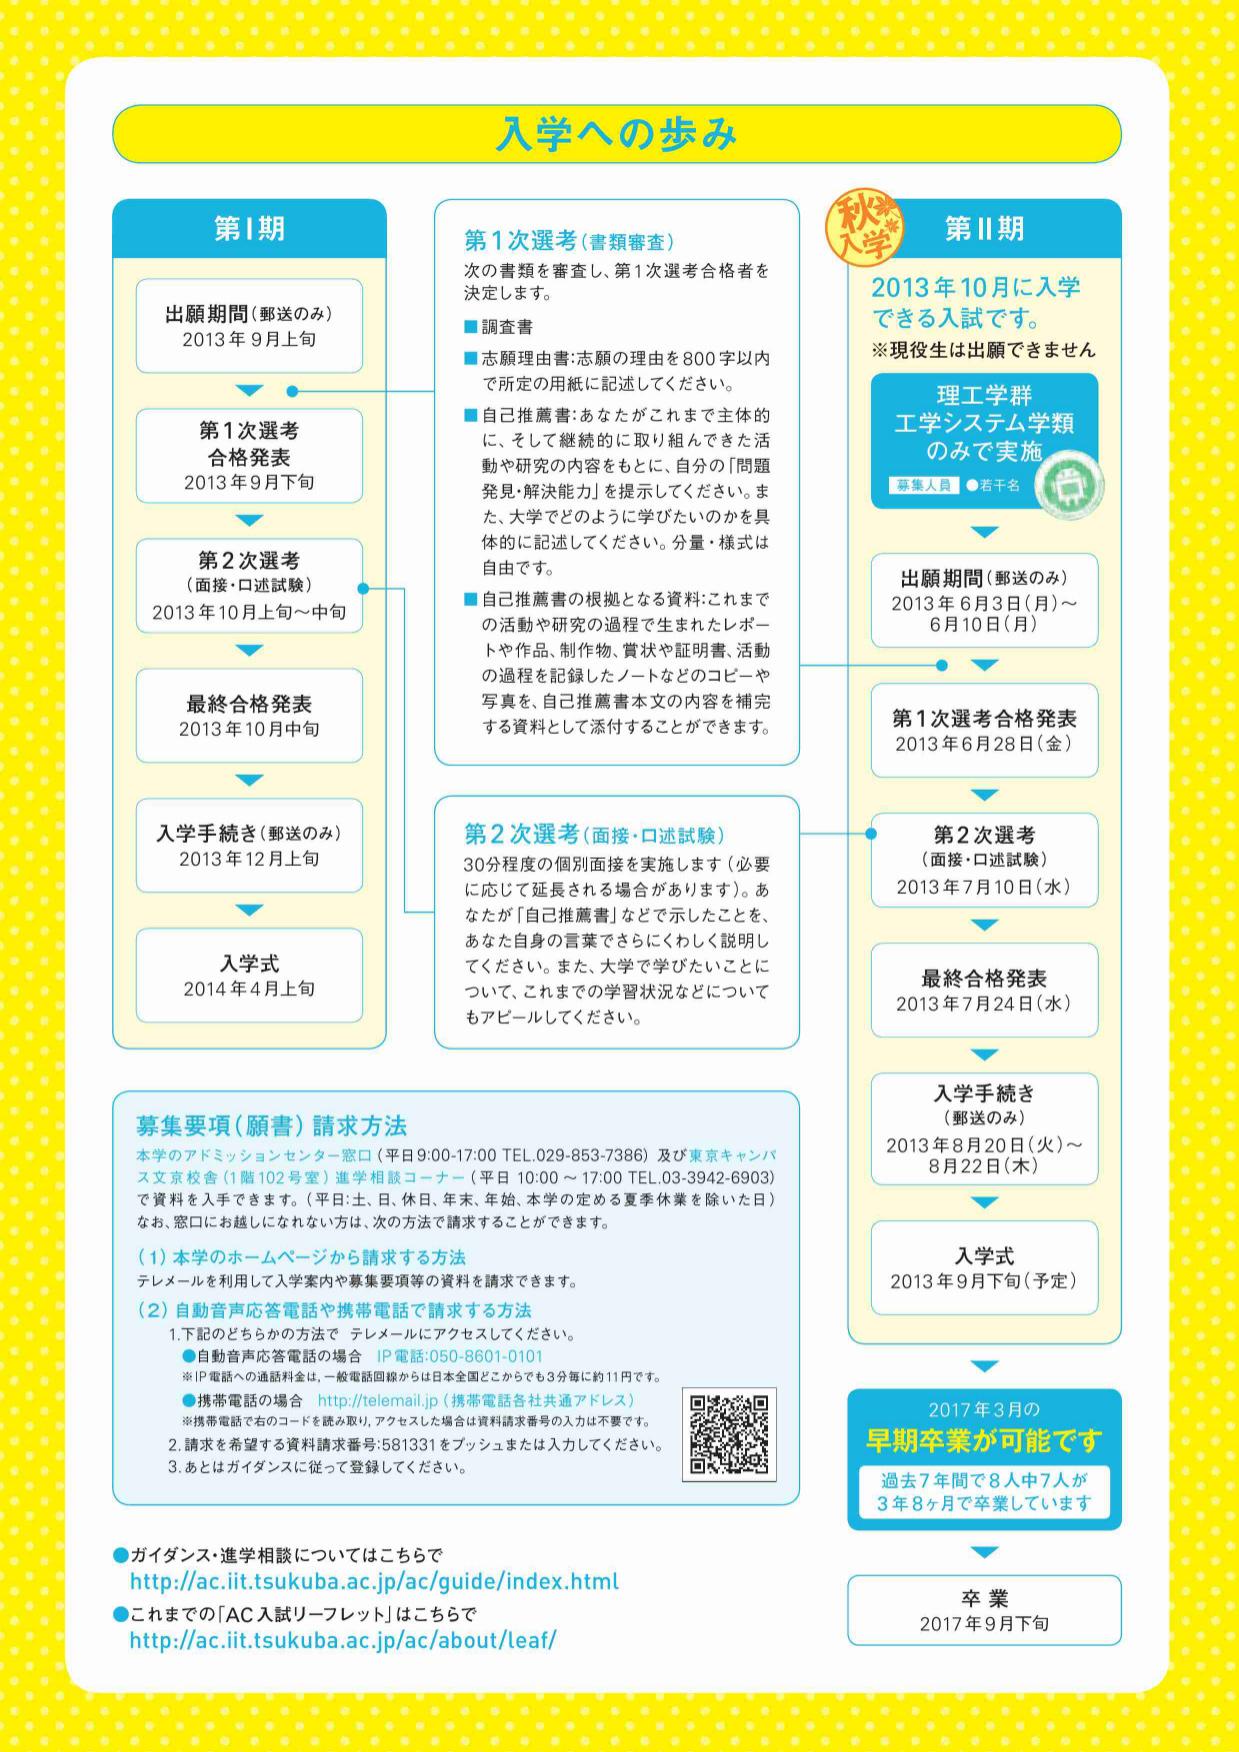 AC入試リーフレット 平成26年度版4